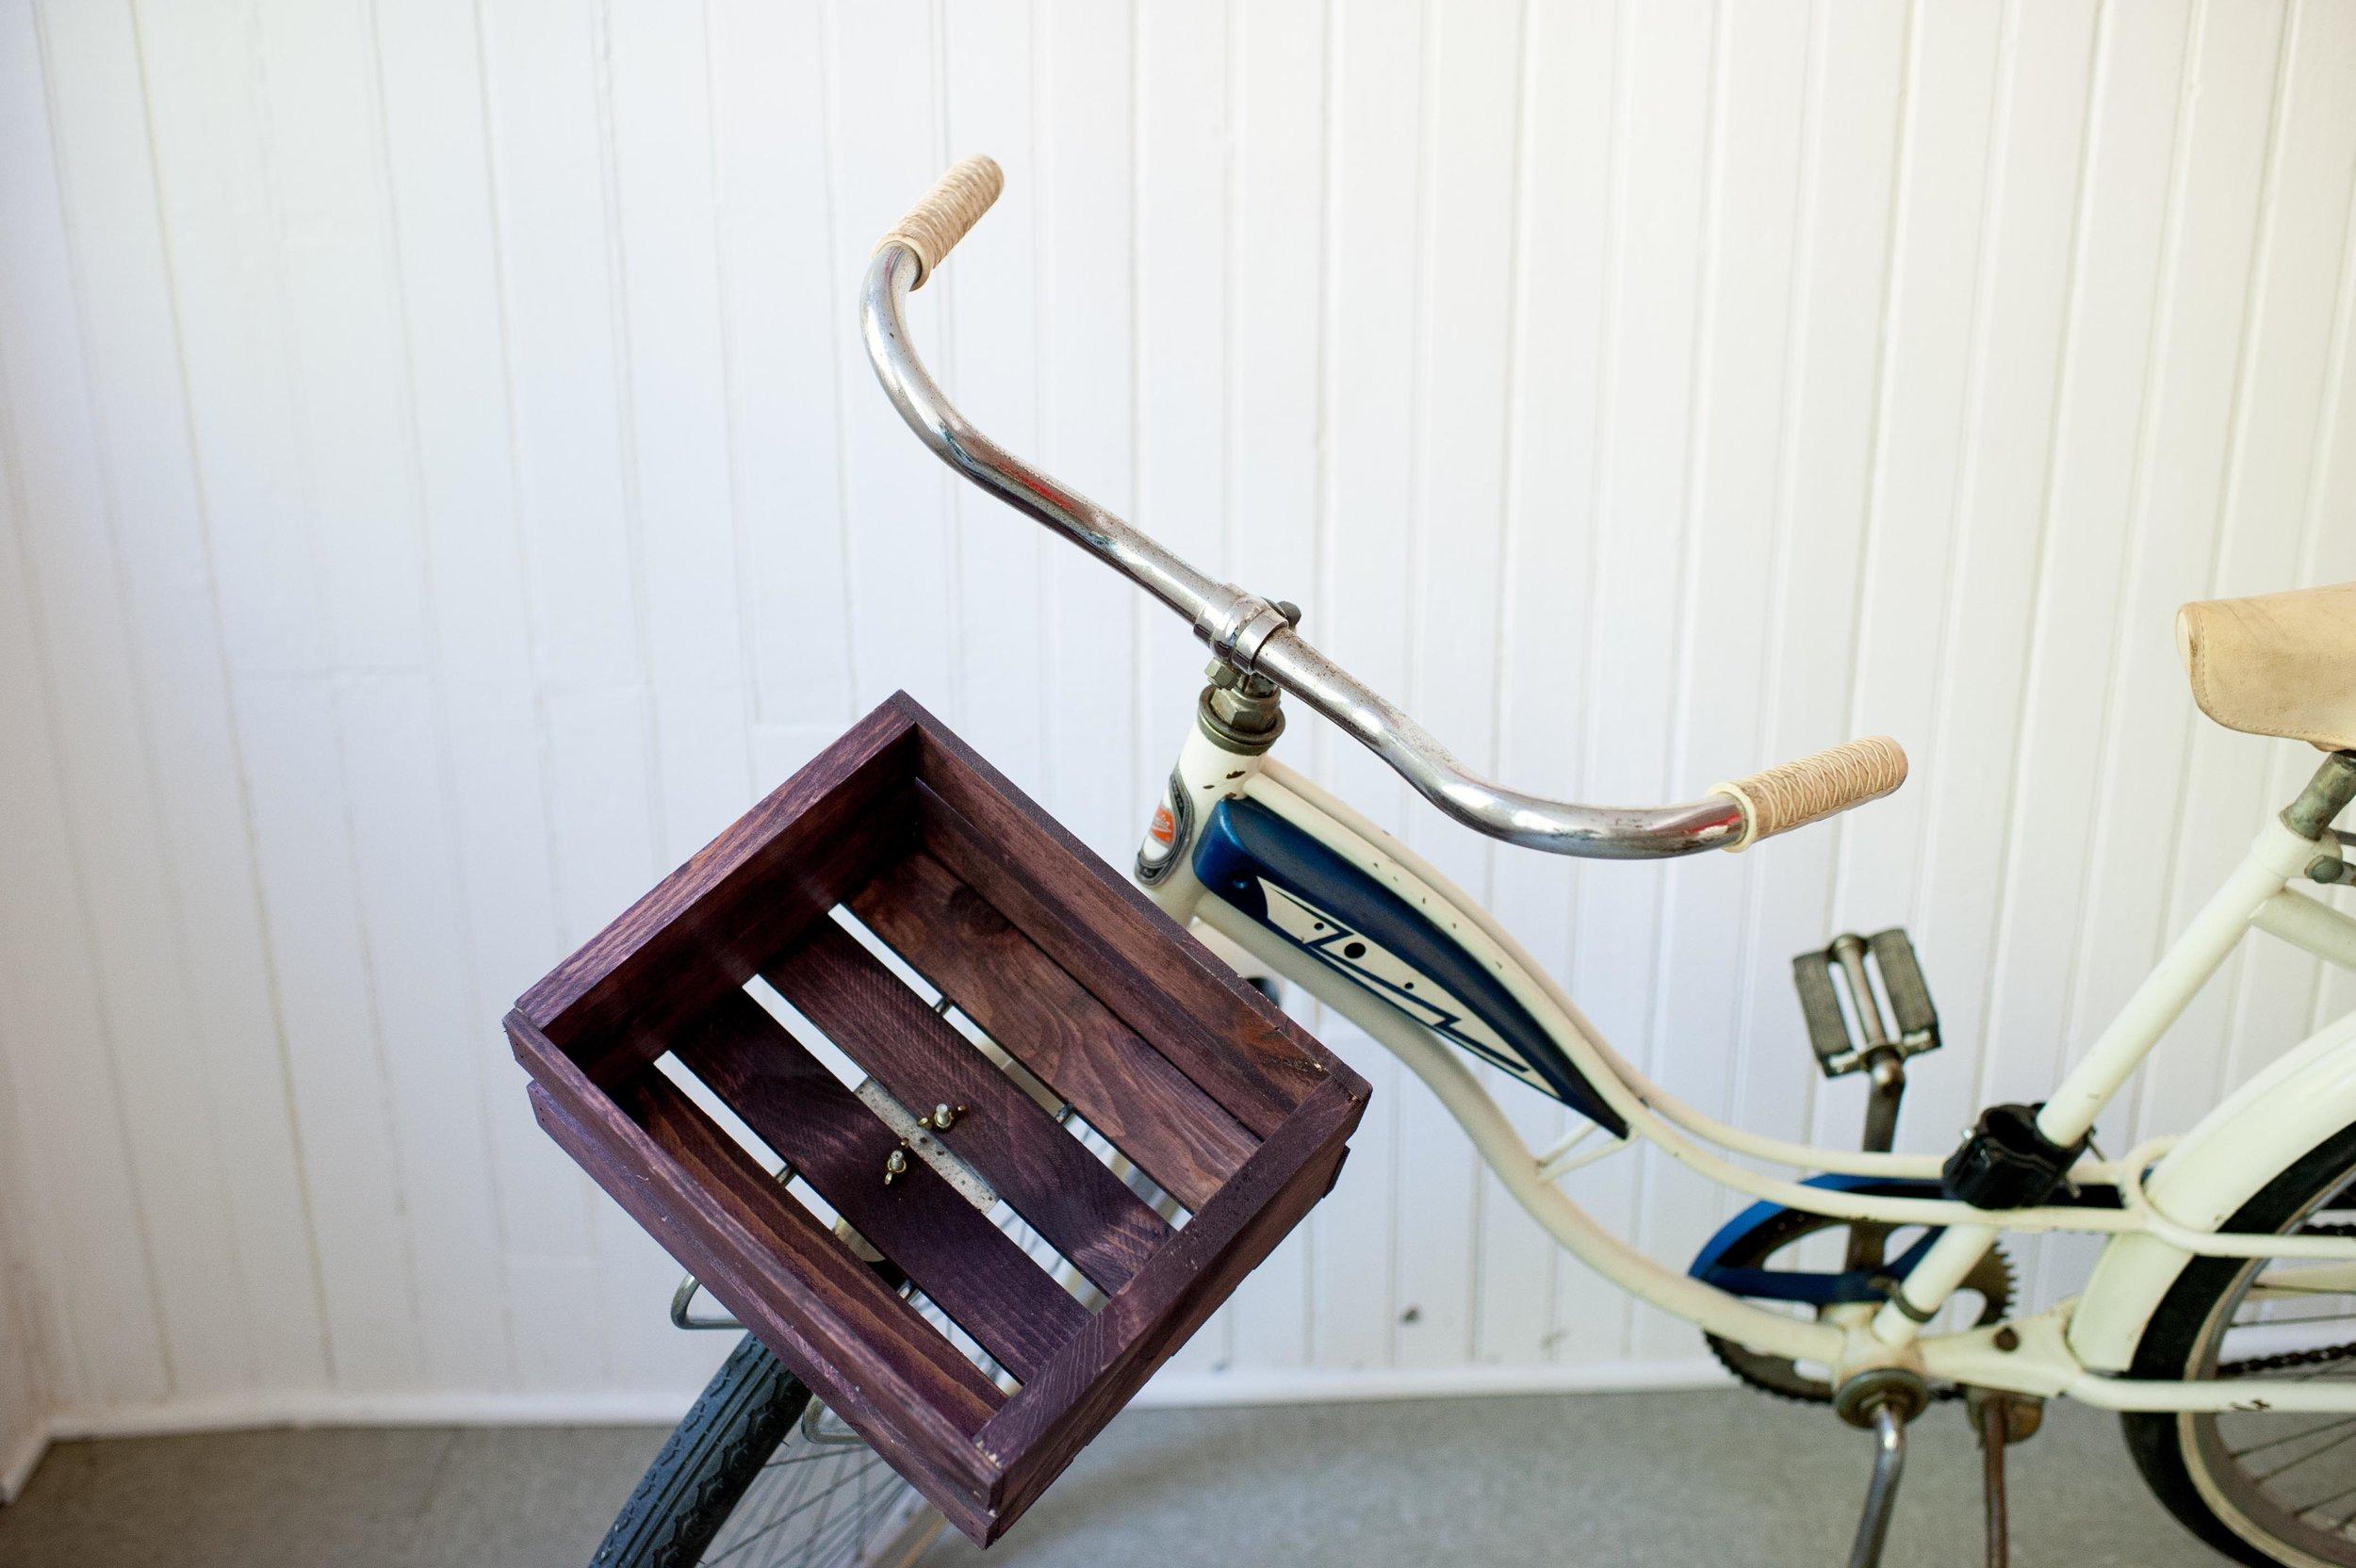 art_bike-91.jpg